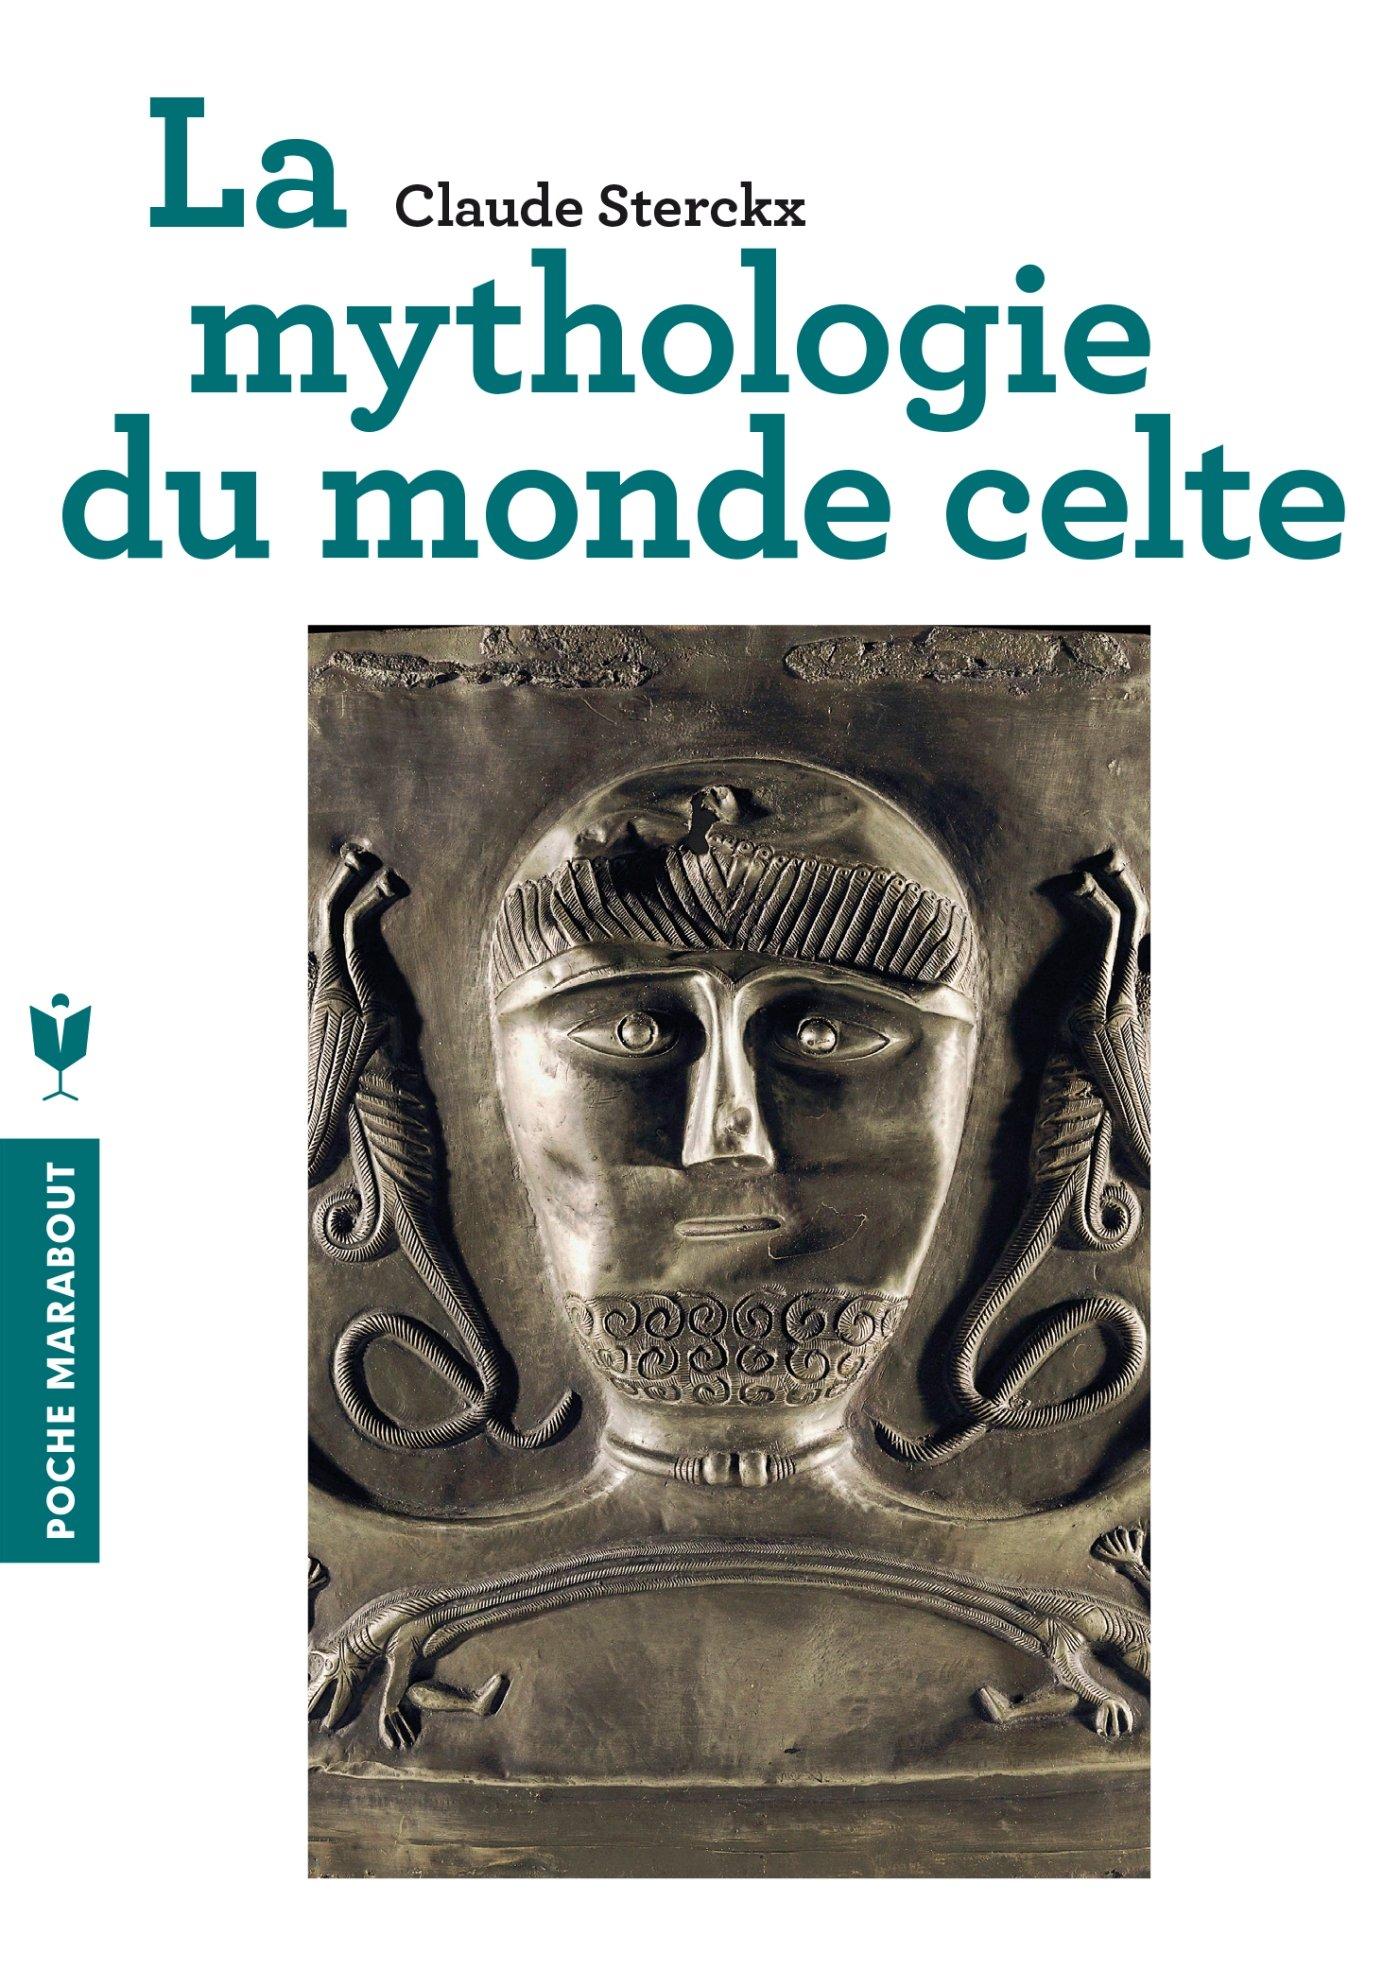 La mythologie du monde Celte (Claude Sterckx)